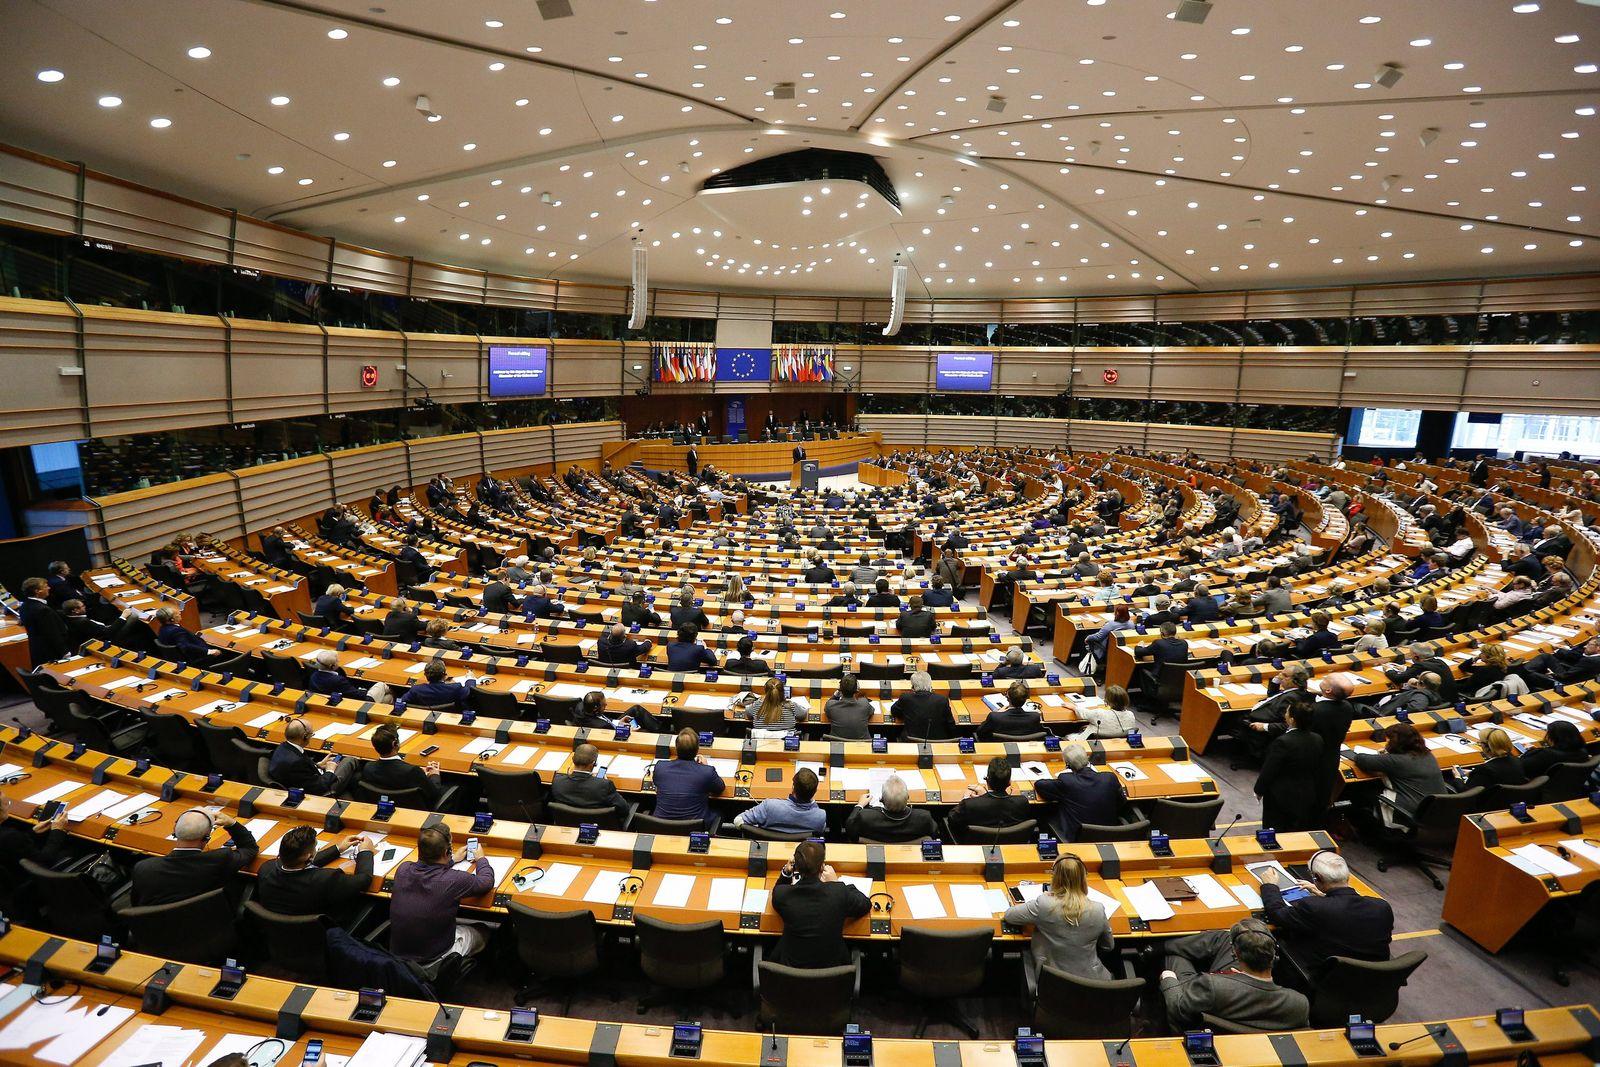 Dutch King Willem-Alexander adresses EU parliament in Brussels